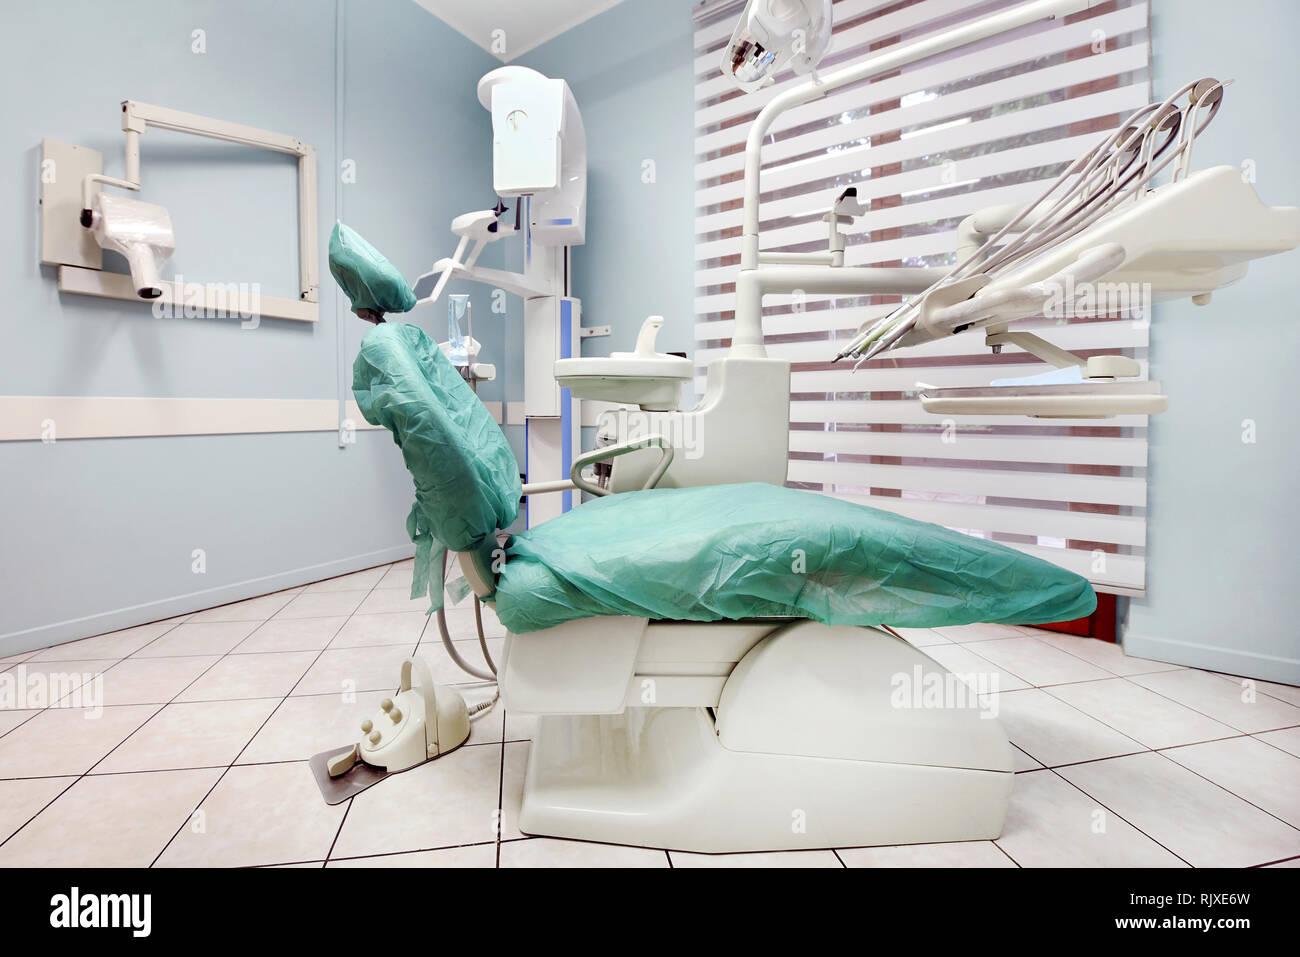 Leere Zahnarzt Chirurgie mit praxisliege und Ausrüstung in einem Ärzte und medizinisches Konzept Stockbild